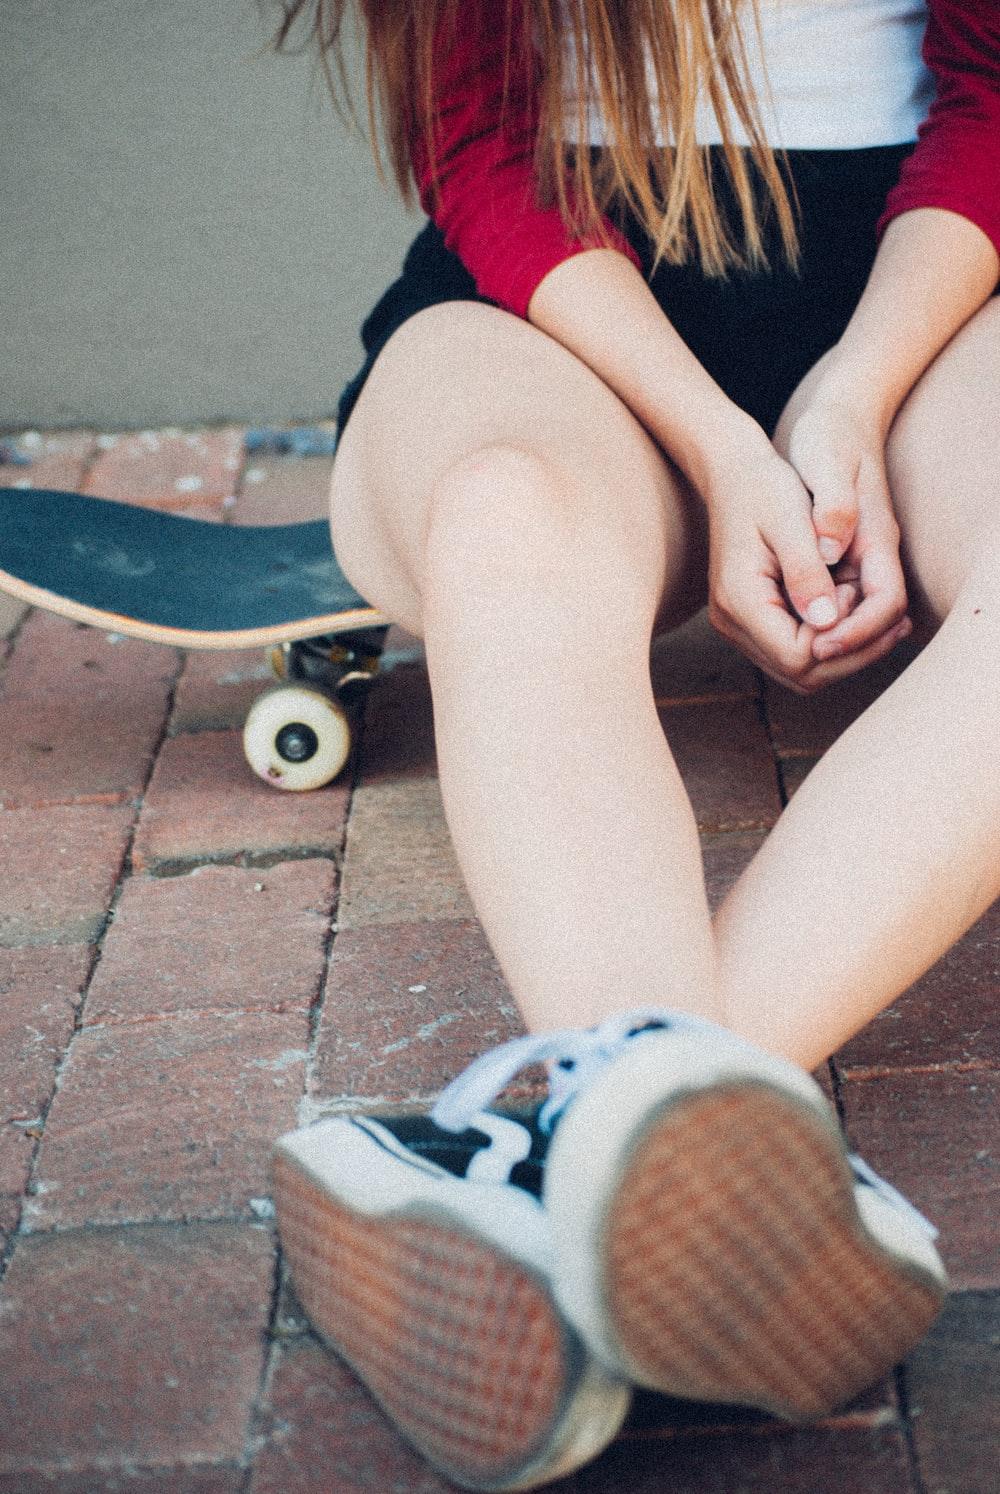 woman sitting on black skateboard during daytime